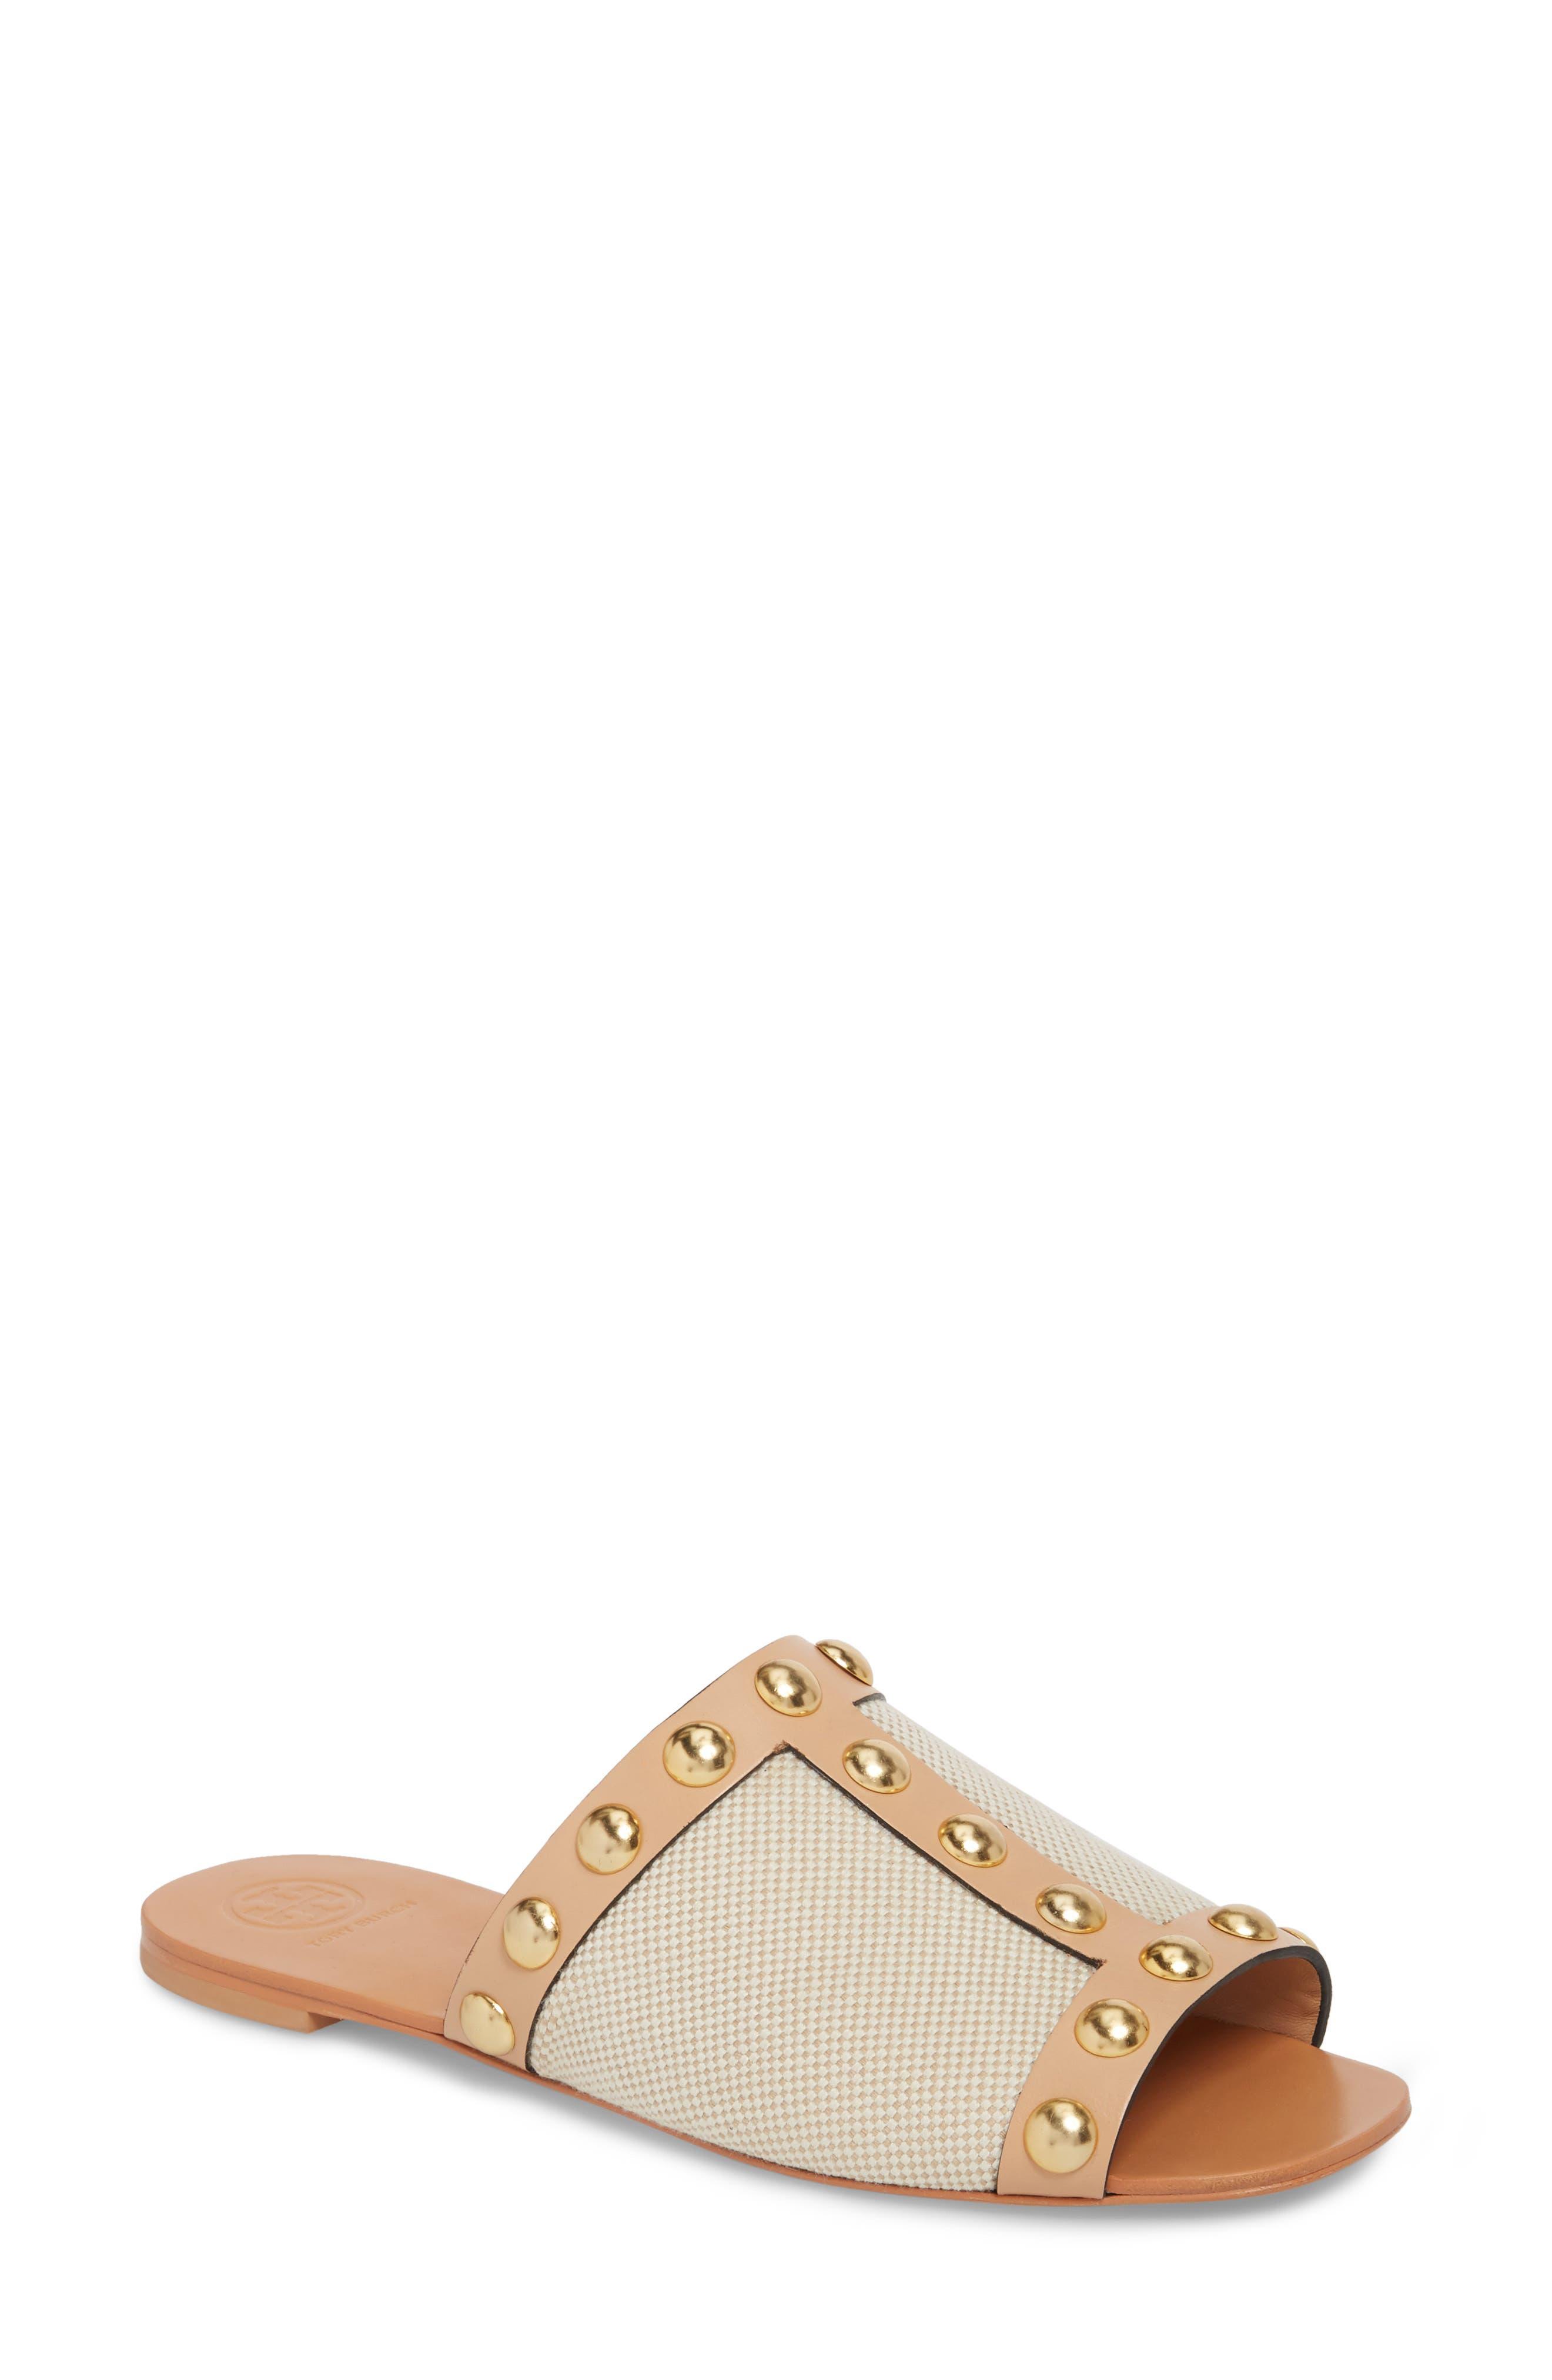 Blythe Slide Sandal,                         Main,                         color, 250